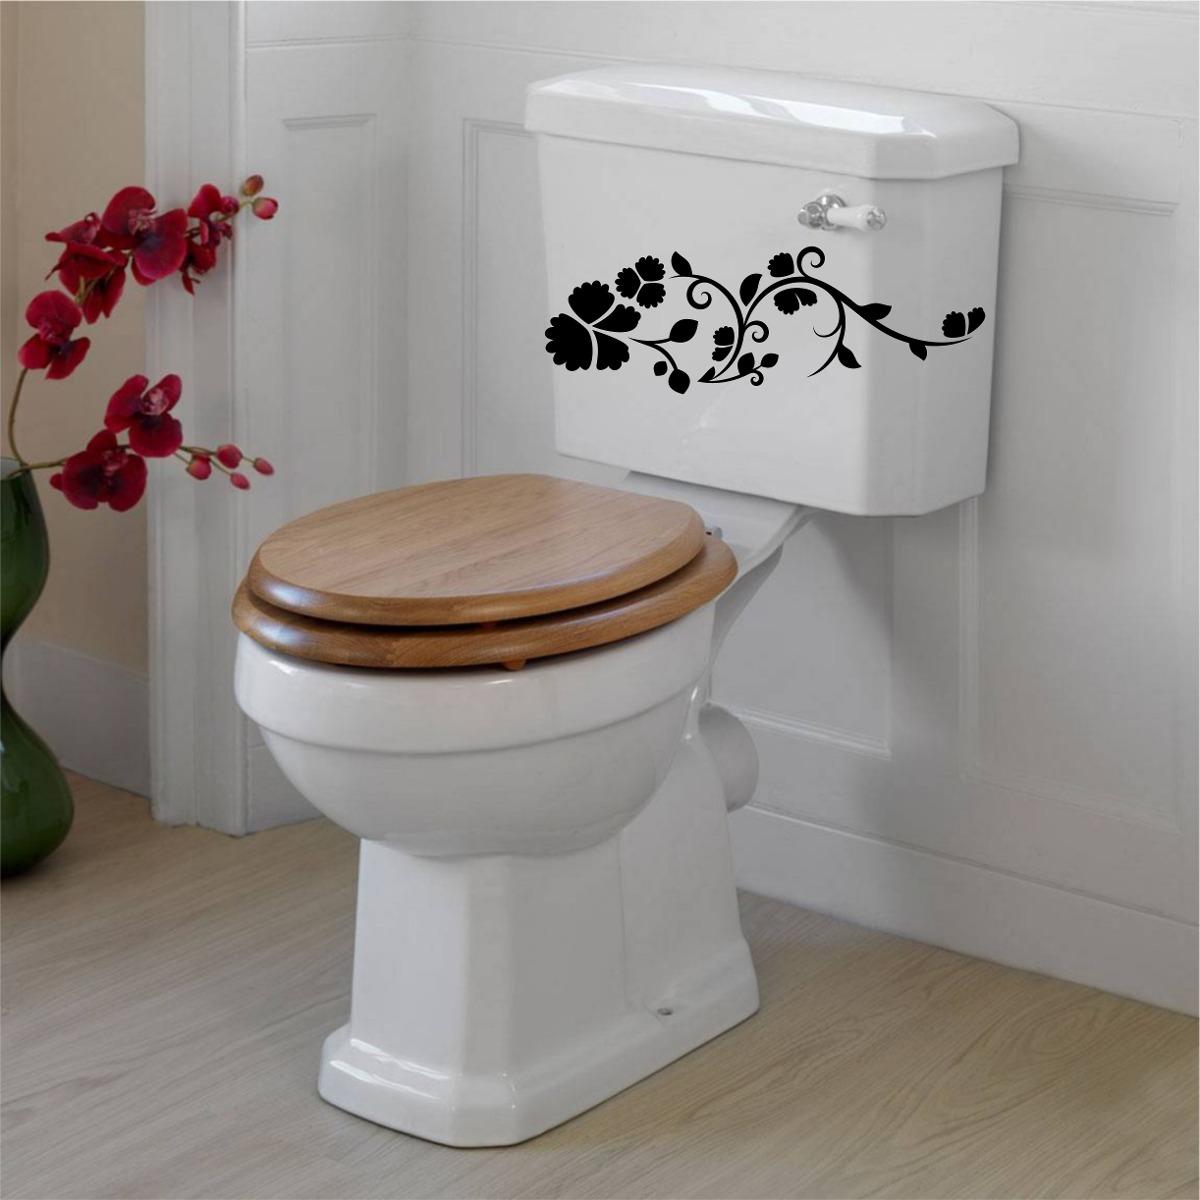 Artesanato De Valença Bahia ~ Adesivo Banheiro Vidro Vaso Sanitário Caixa Tampa Floral